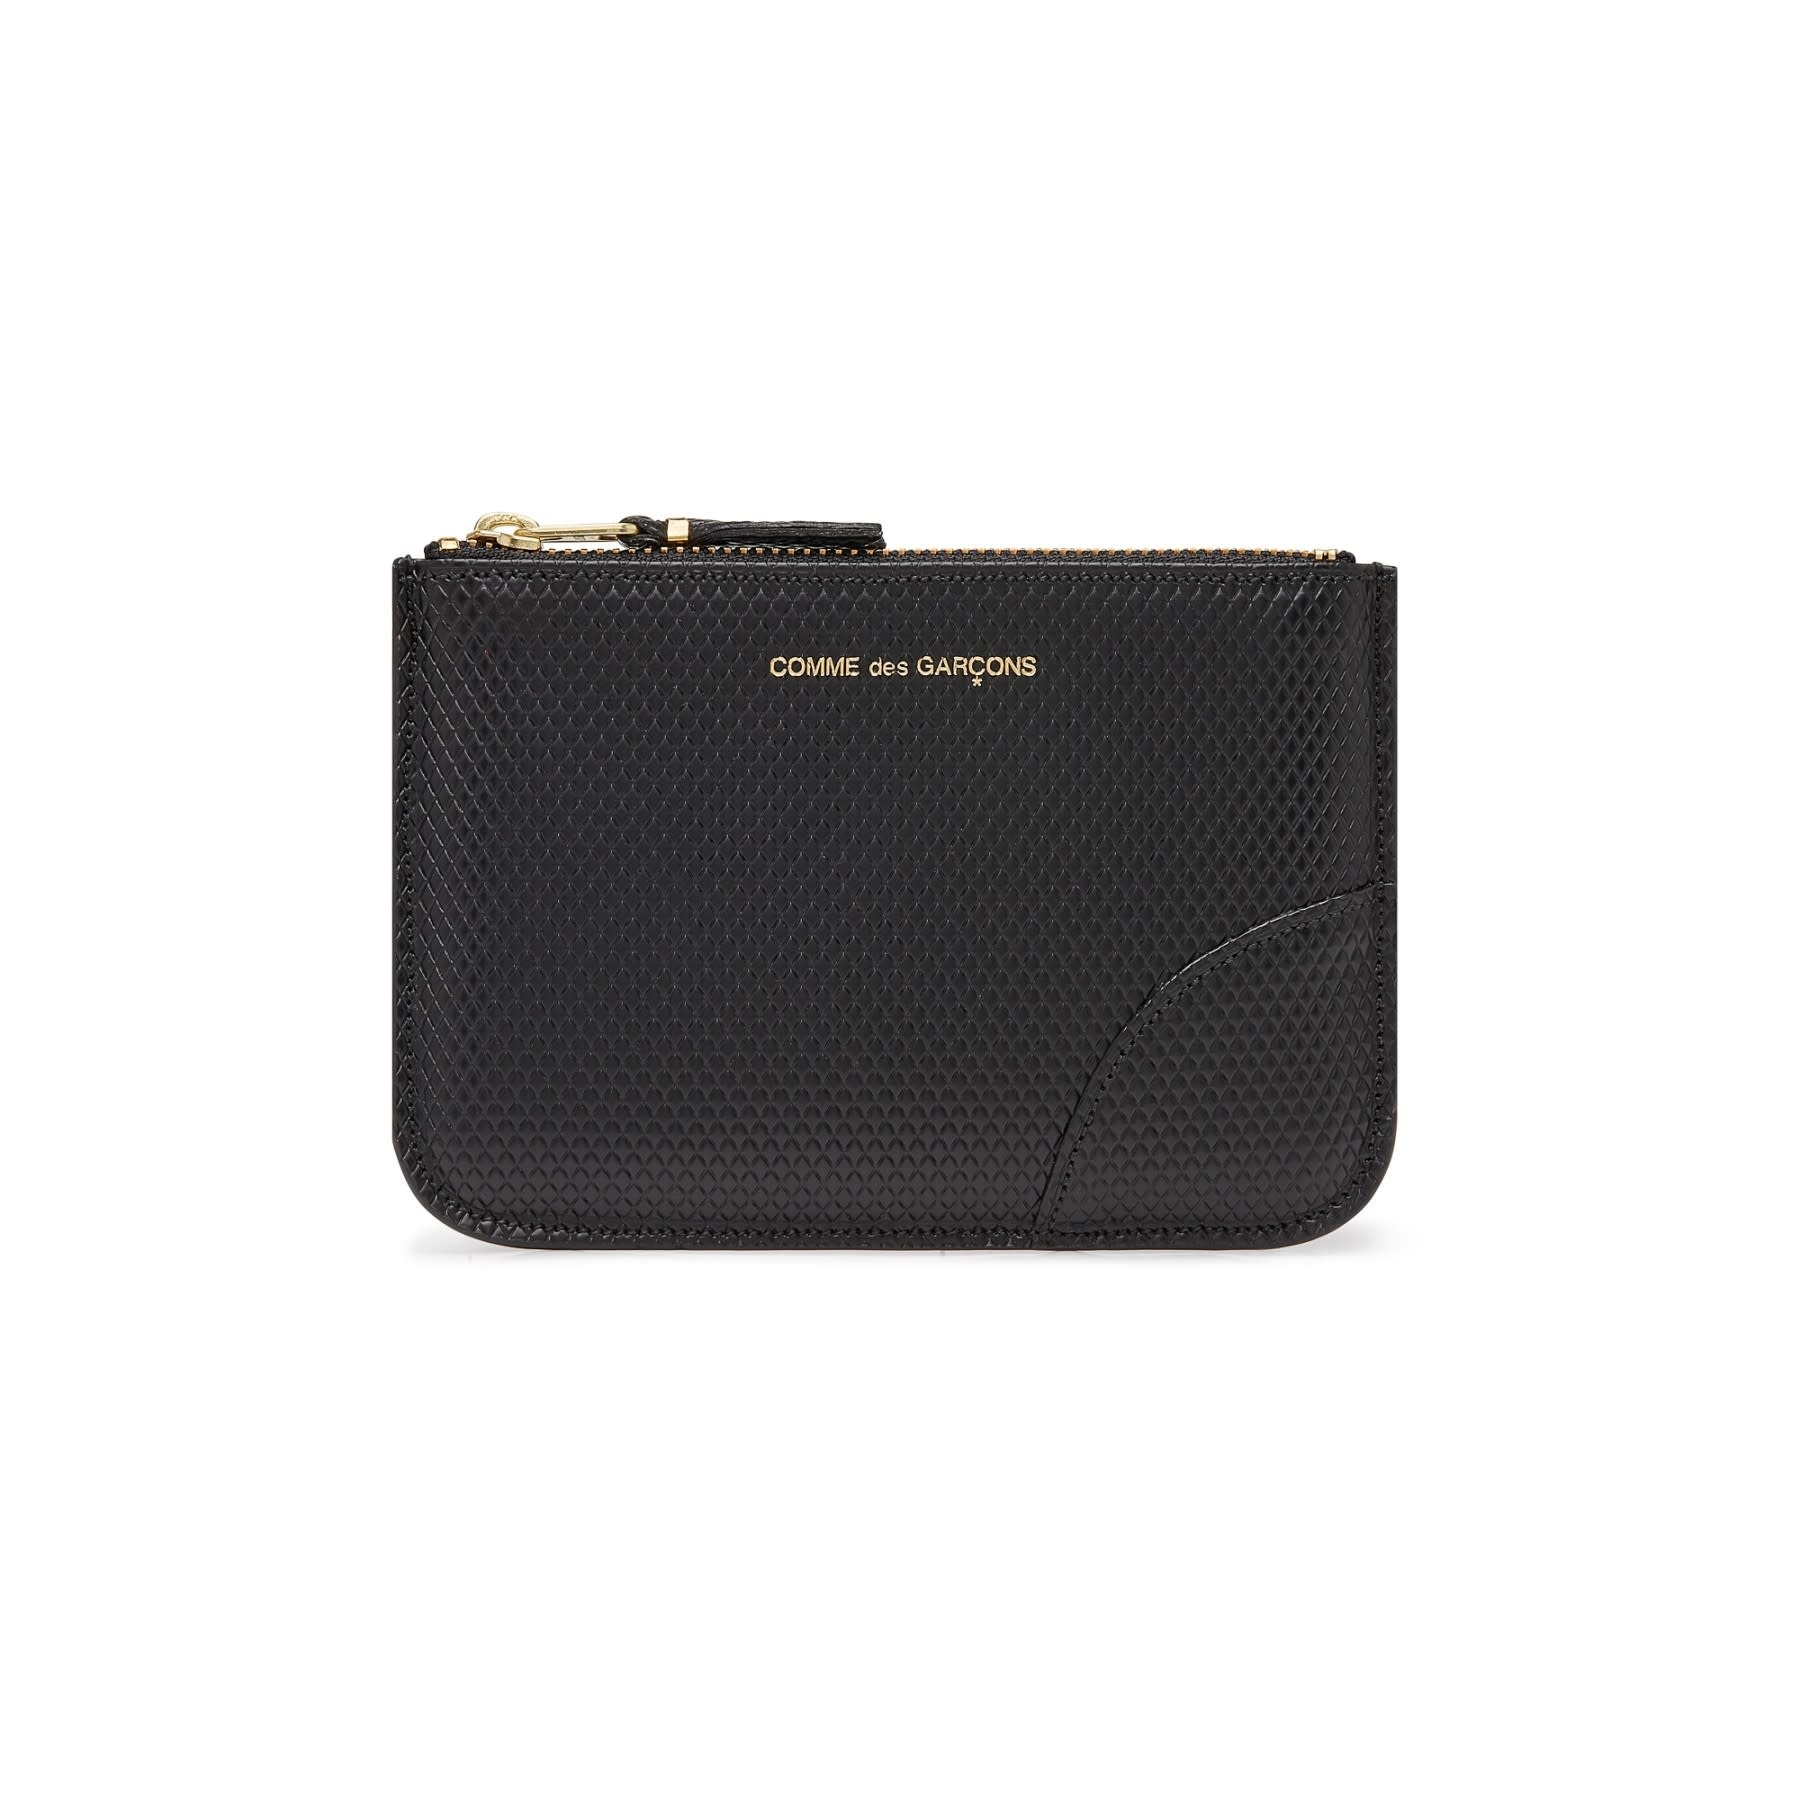 COMME des GARÇONS Wallet SMALL LEATHER ZIP POUCH Lux BLACK SA8100LG